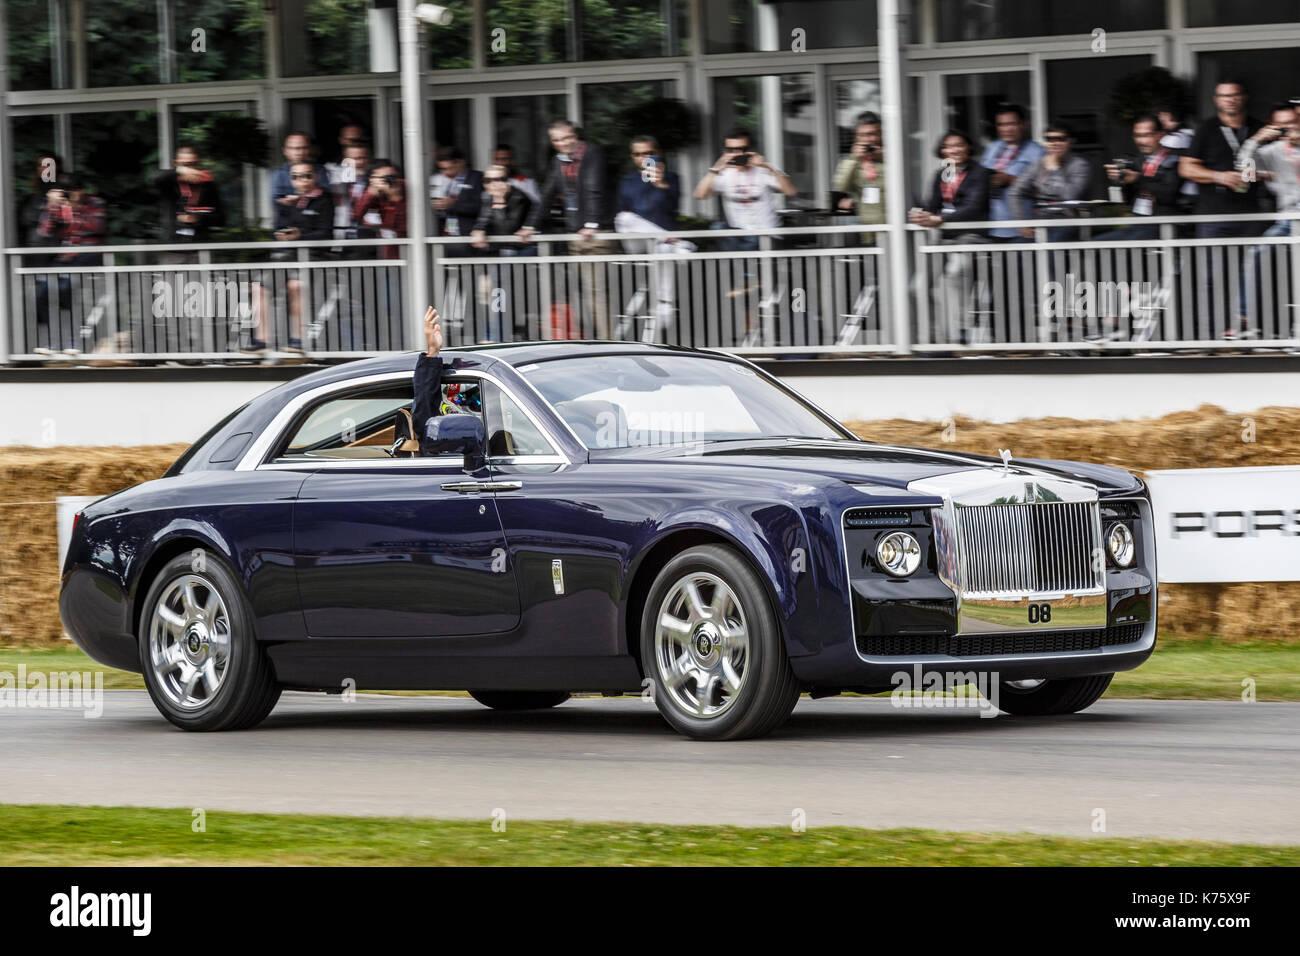 2017 Rolls Royce Wraith schwarzen Abzeichen am Goodwood Festival 2017 von Geschwindigkeit, Sussex, UK. Stockbild